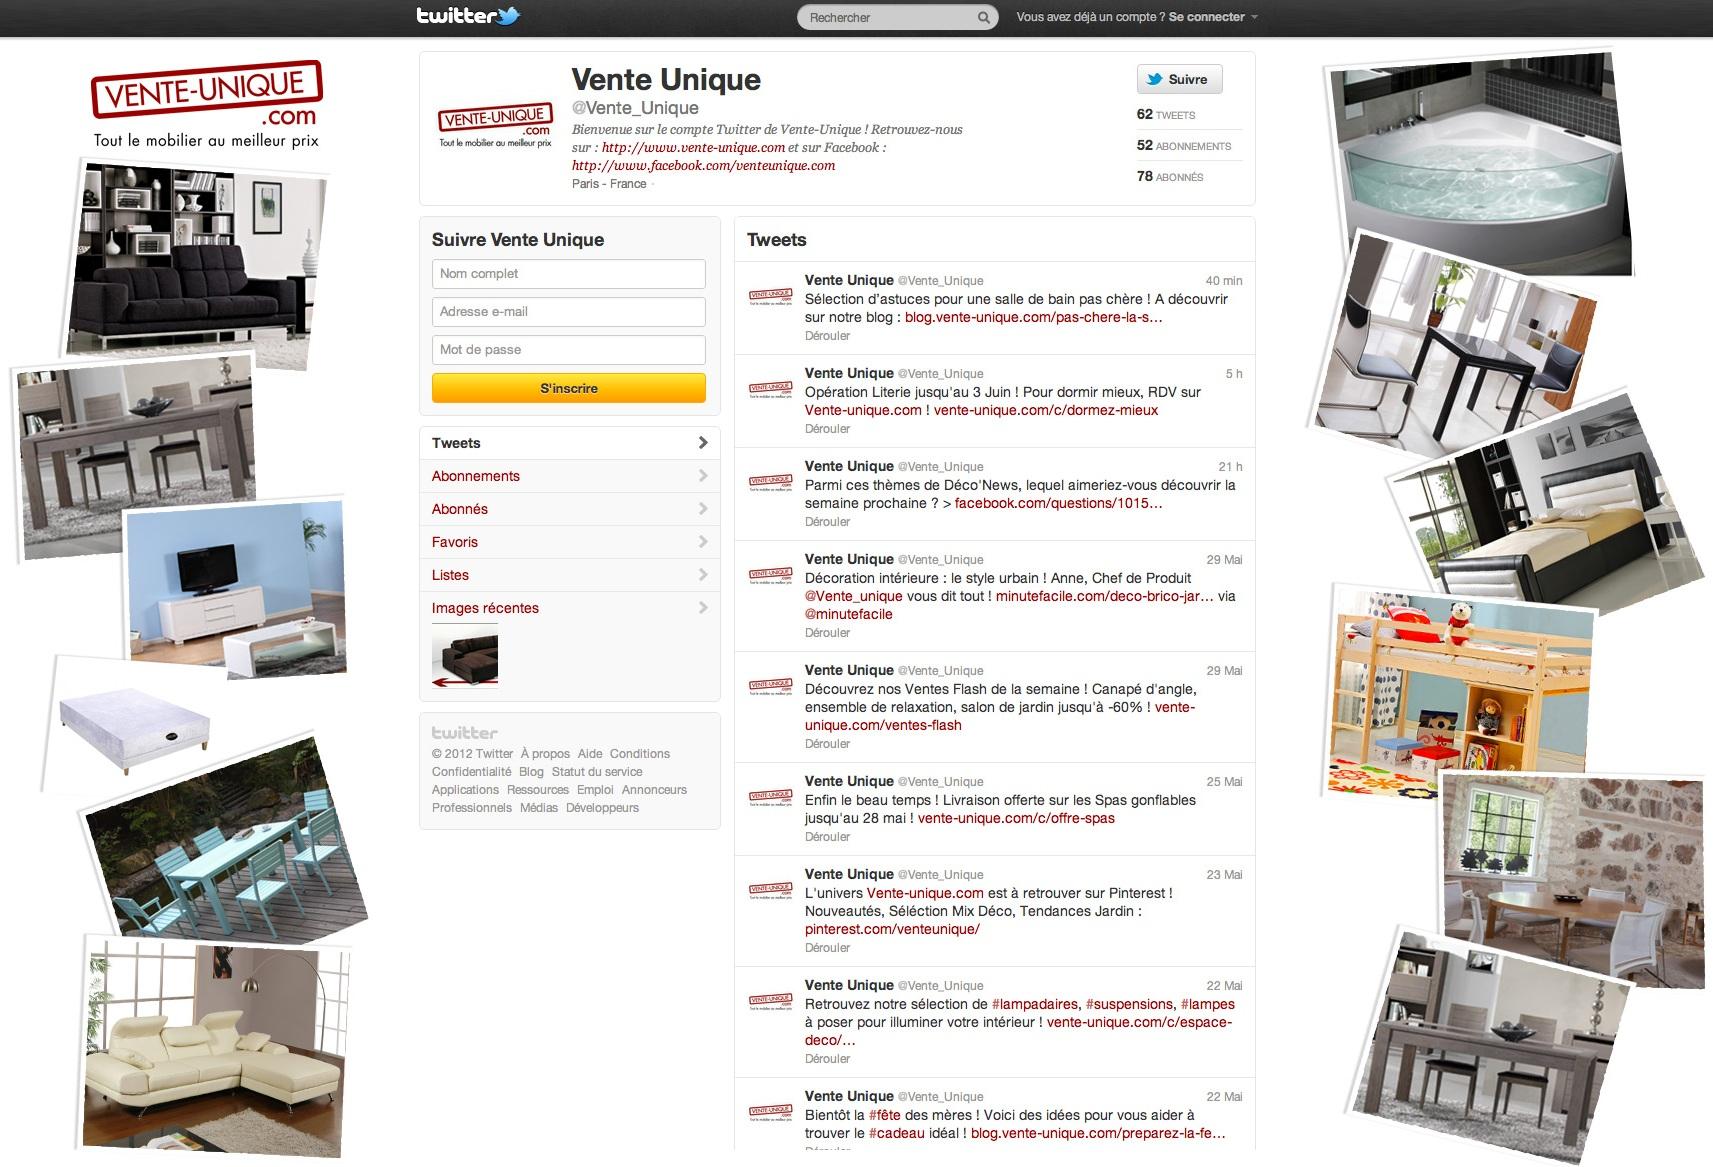 Suivez nous sur twitter vente unique le blog de vente - Vente unique com mon compte ...